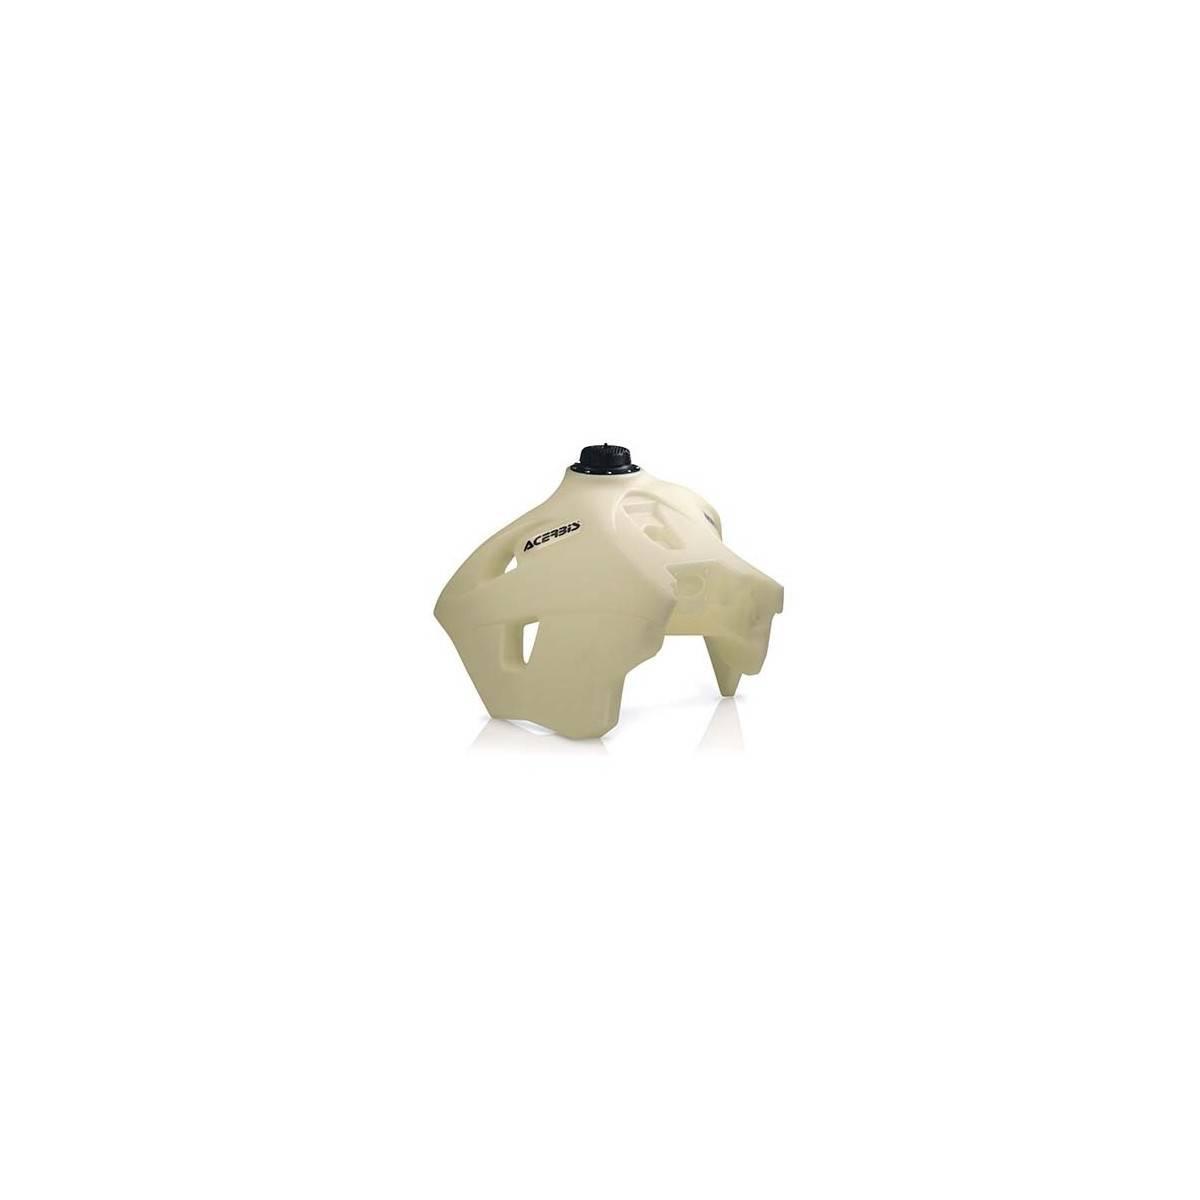 0007605-120 - Deposito Acerbis Yamaha Yzf 450 04 08 16 Litros Transparente